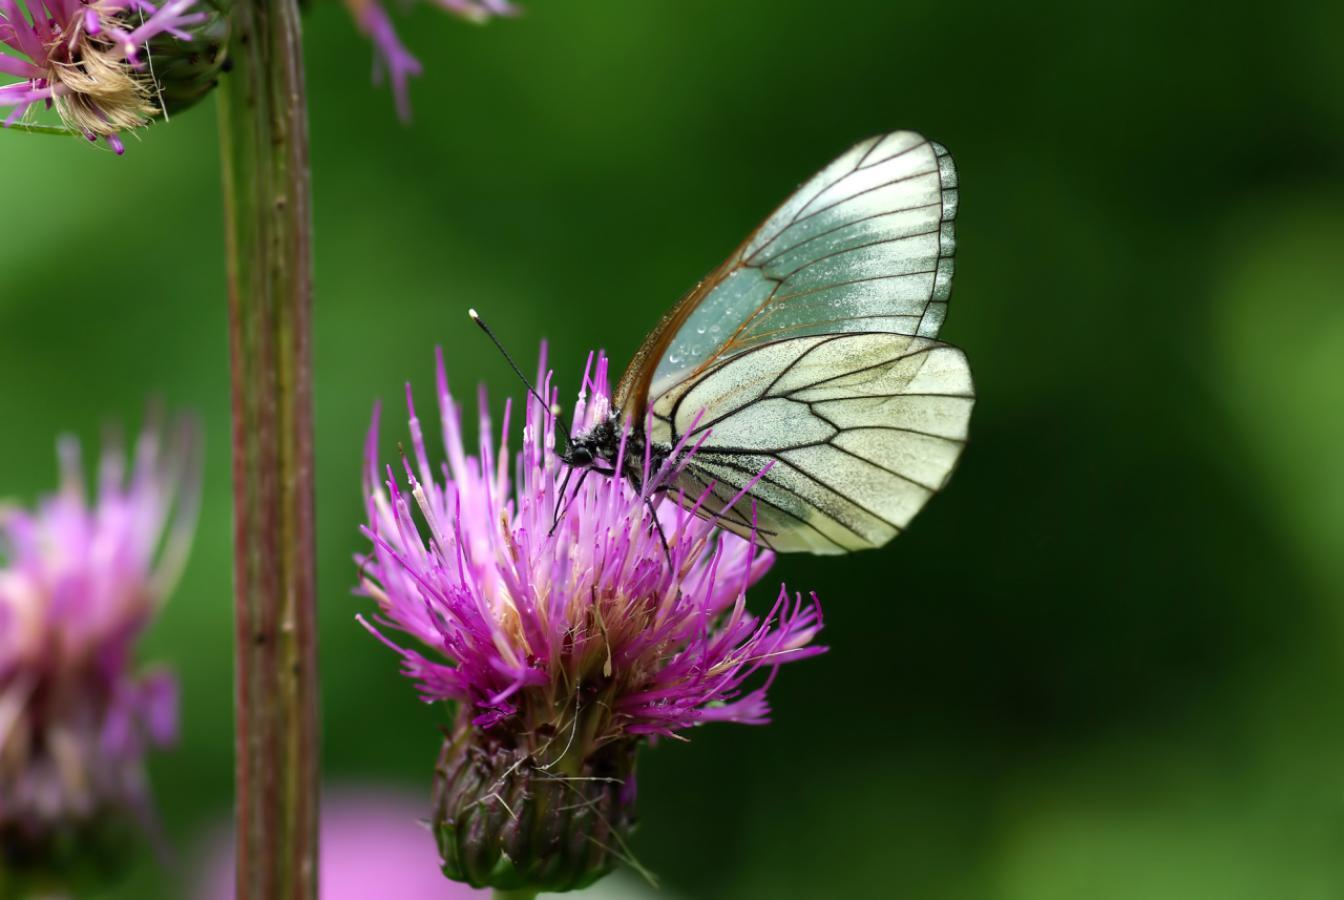 摄图网_306943744_粉红色花朵上的黑黄白蝴蝶Aporiacraataegi(非企业商用)